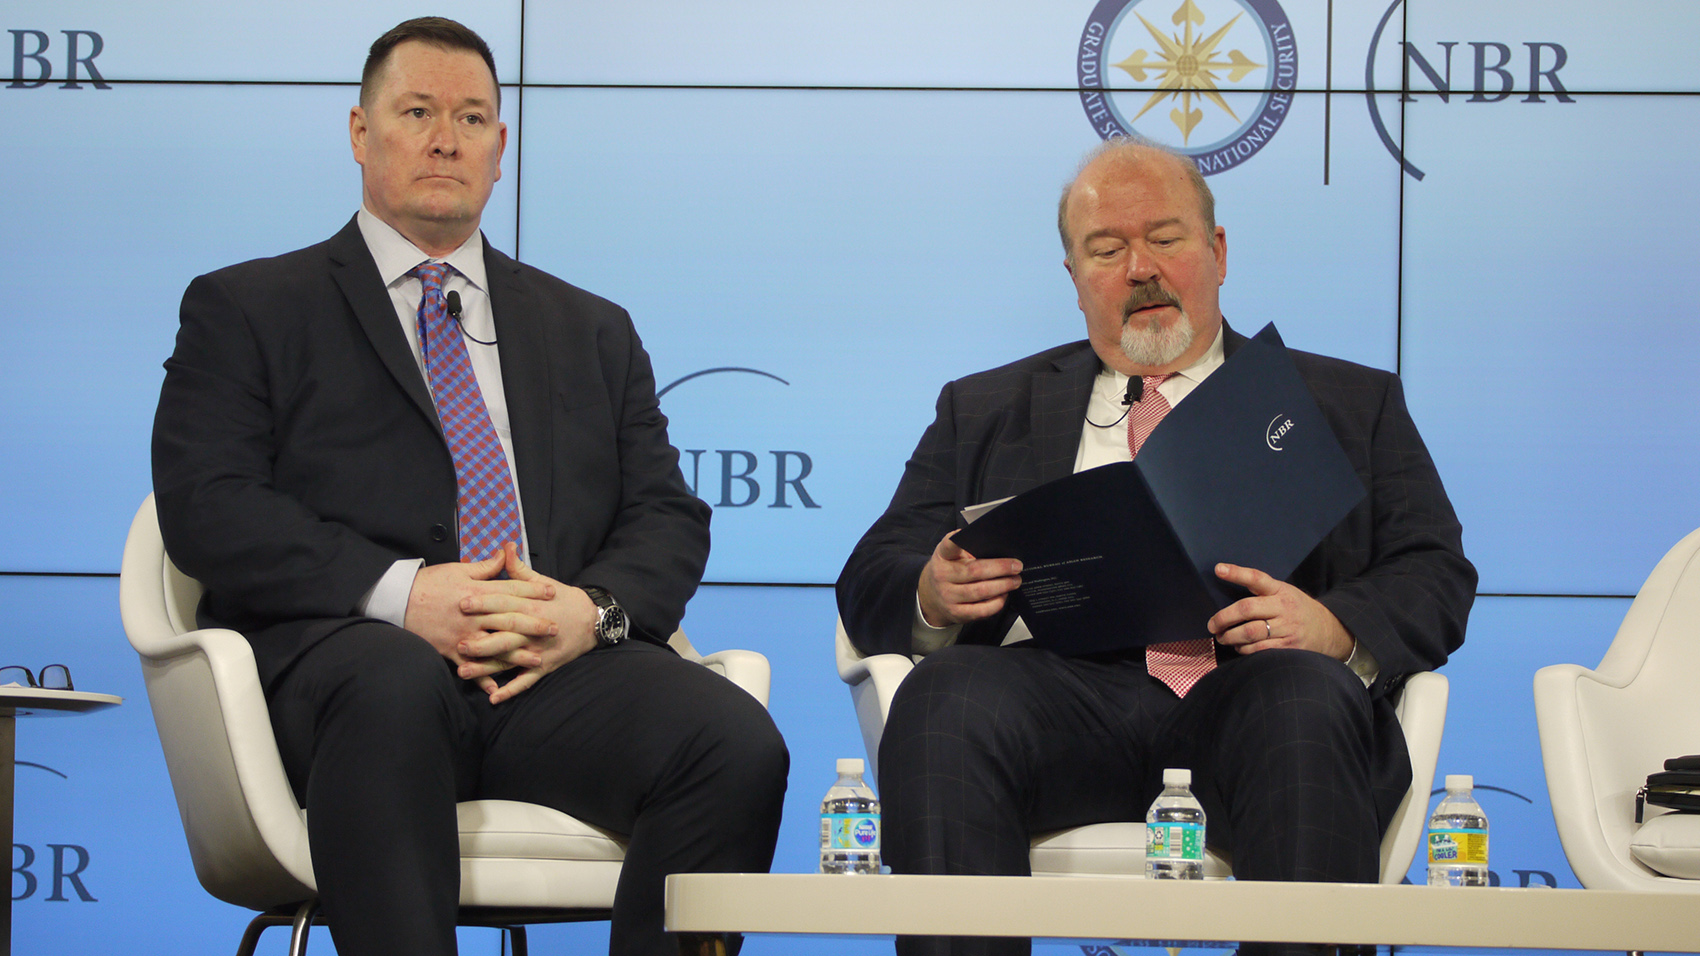 五角大楼今年6月增设专责处理中国事务的副助理部长一职后,施灿德(左)13日在华盛顿出席公开活动。(郑崇生摄)